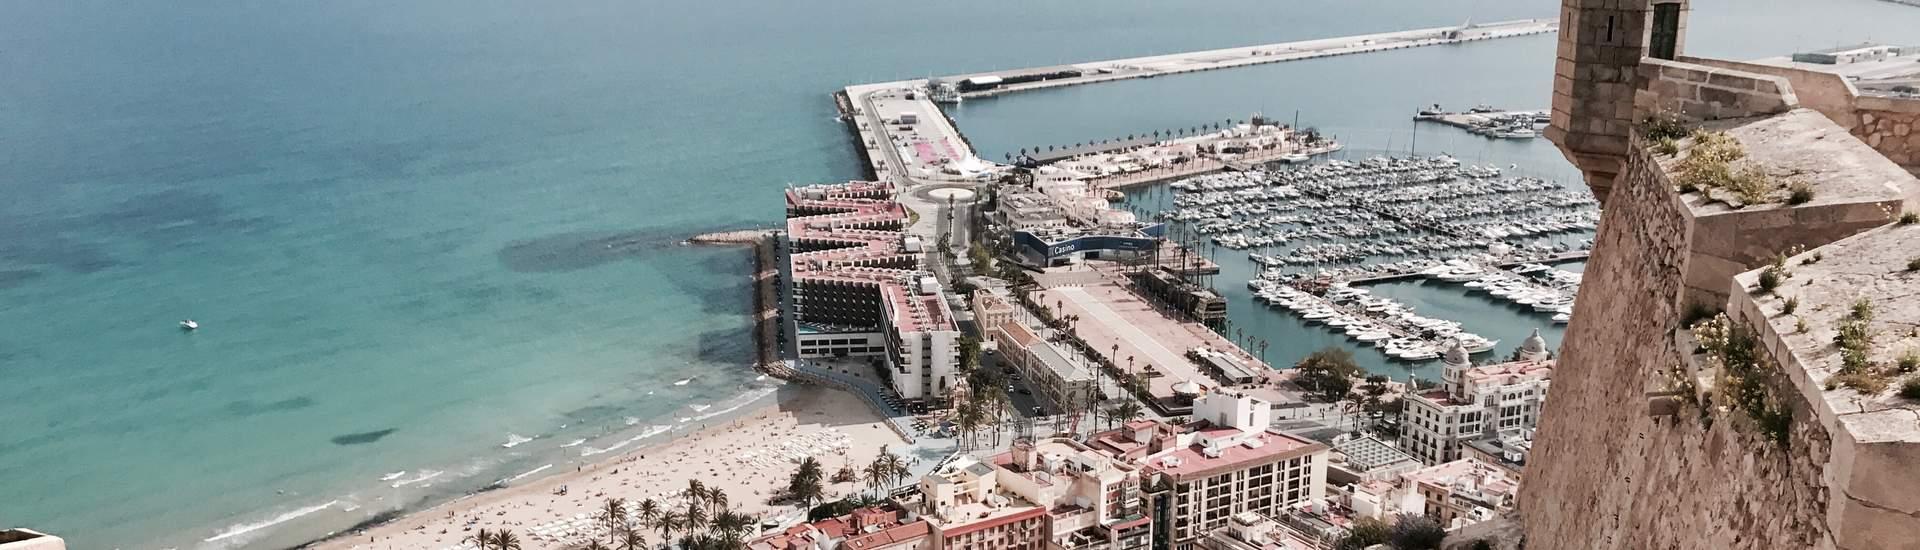 Vacanza-studio per famiglie Alicante, Spagna